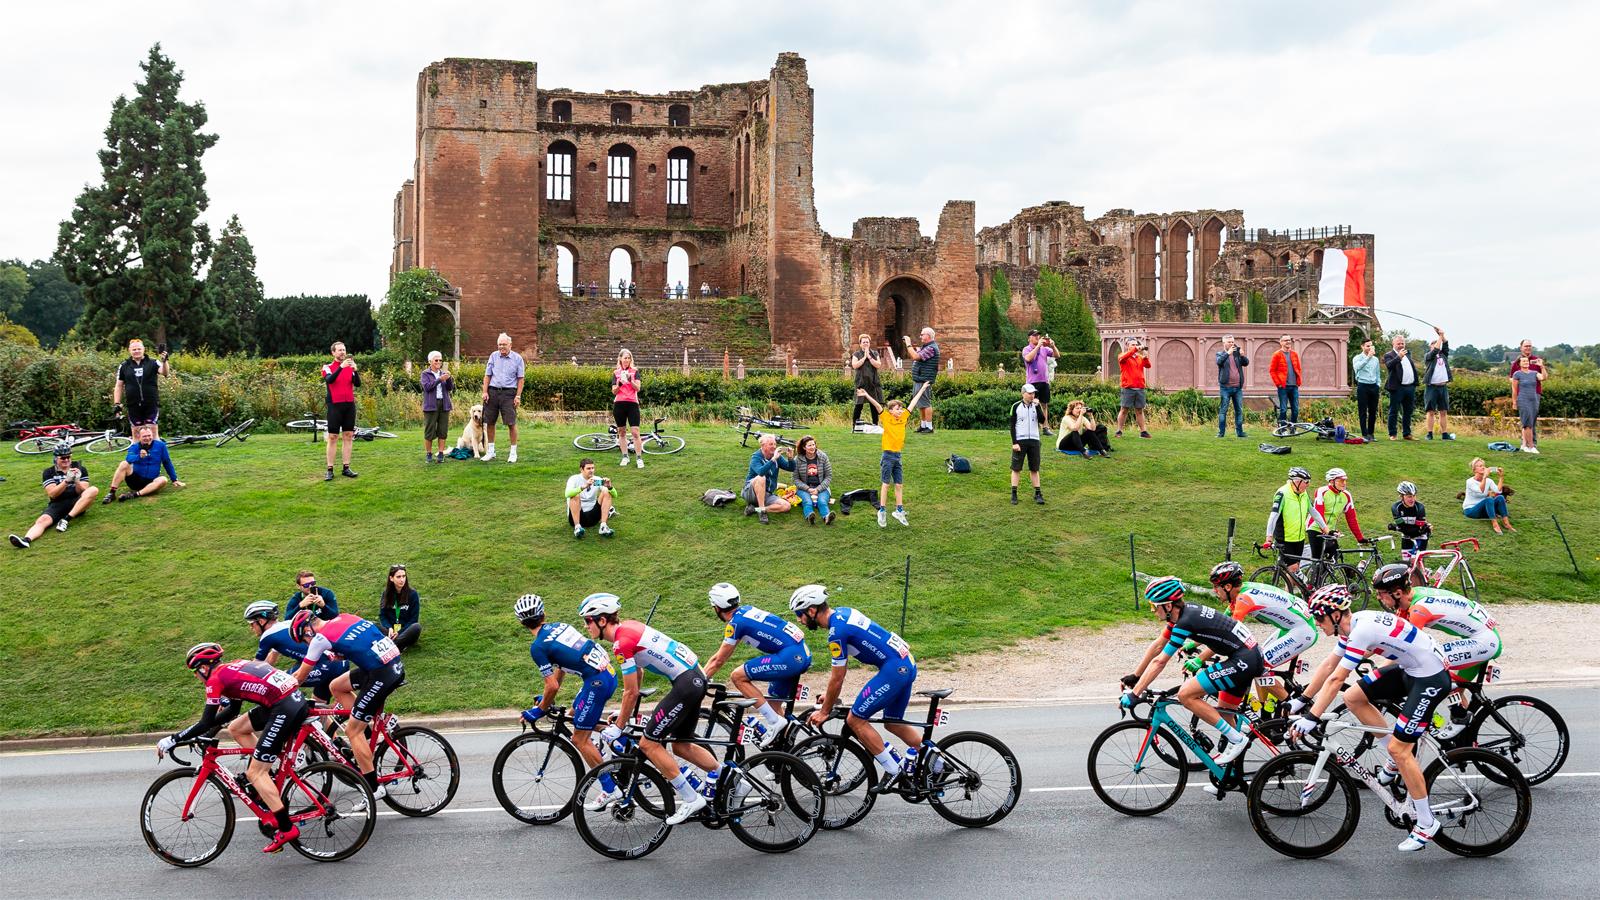 Tour of Britain Warwickshire